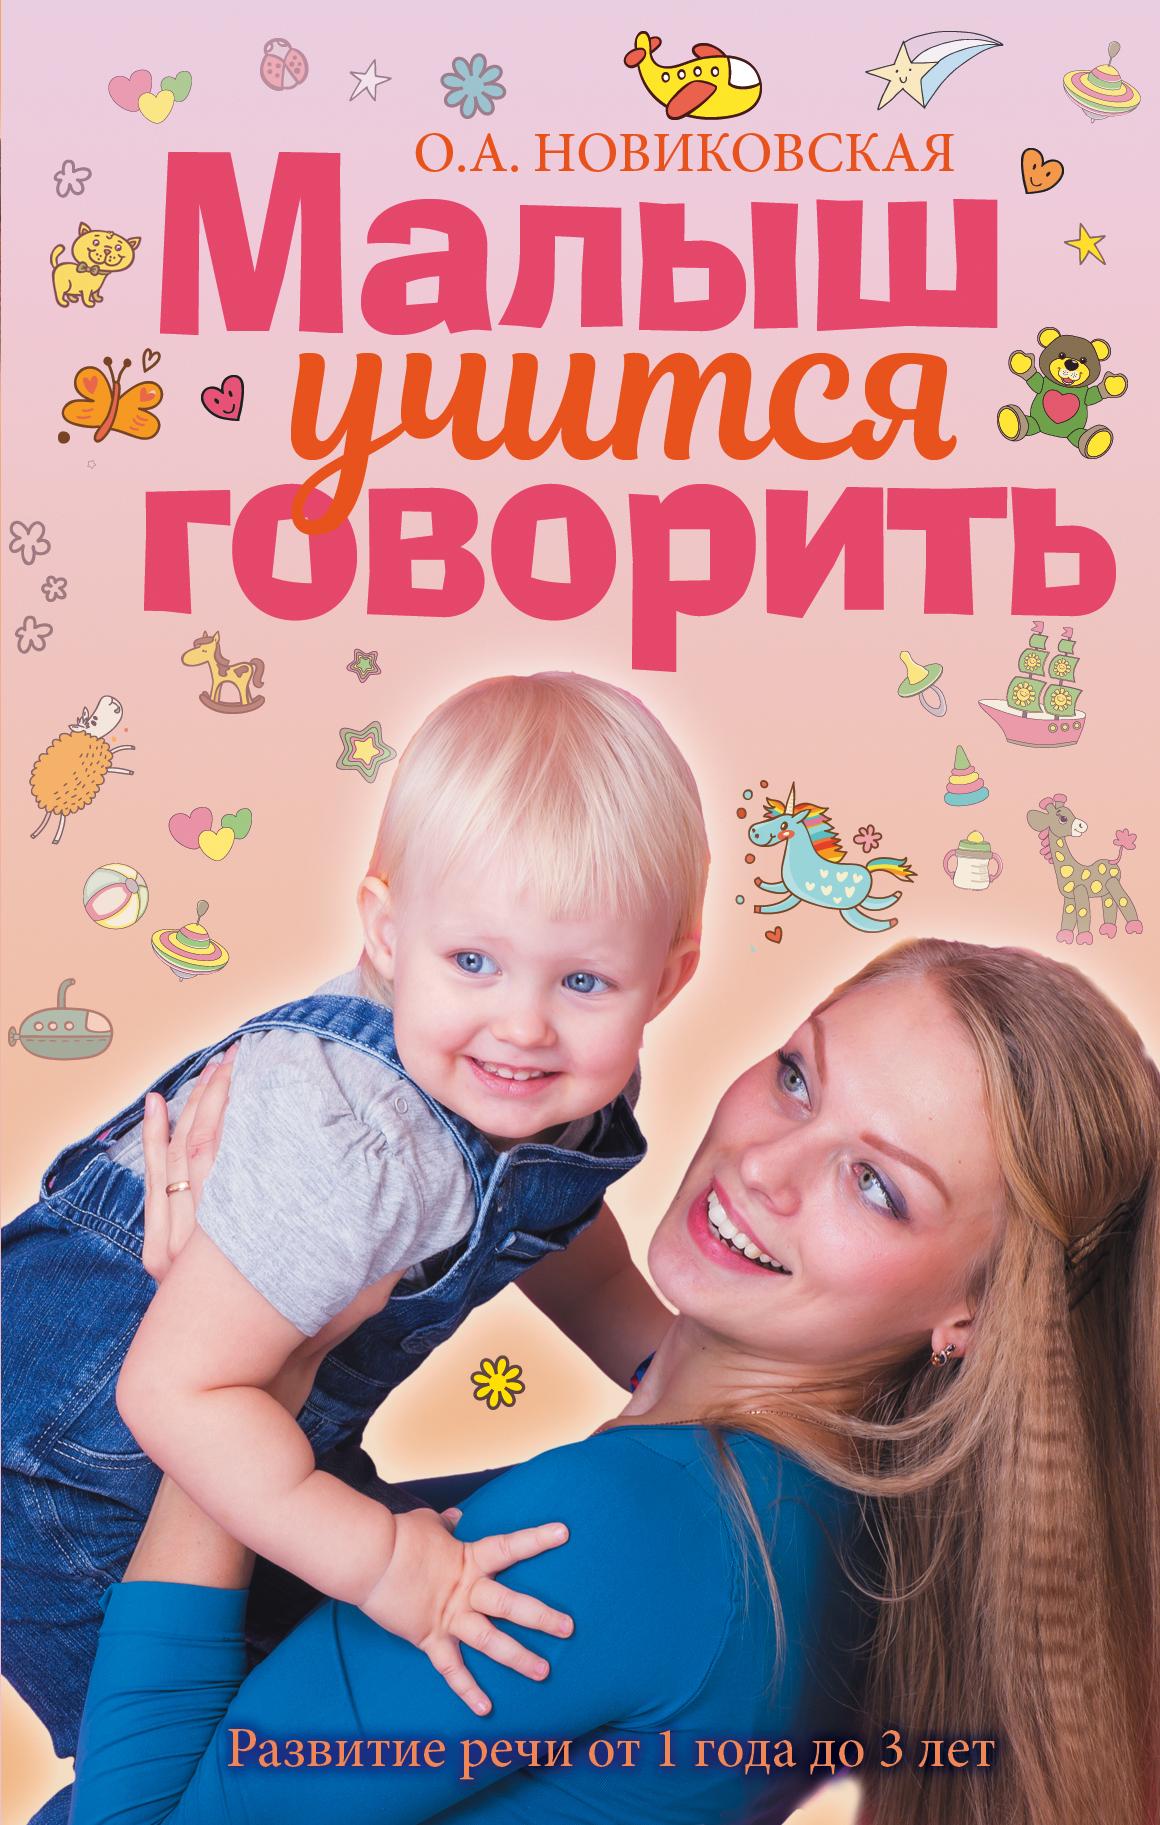 Фото - О. А. Новиковская Малыш учится говорить. Развитие речи от 1 года до 3 лет о а новиковская считаем до 10